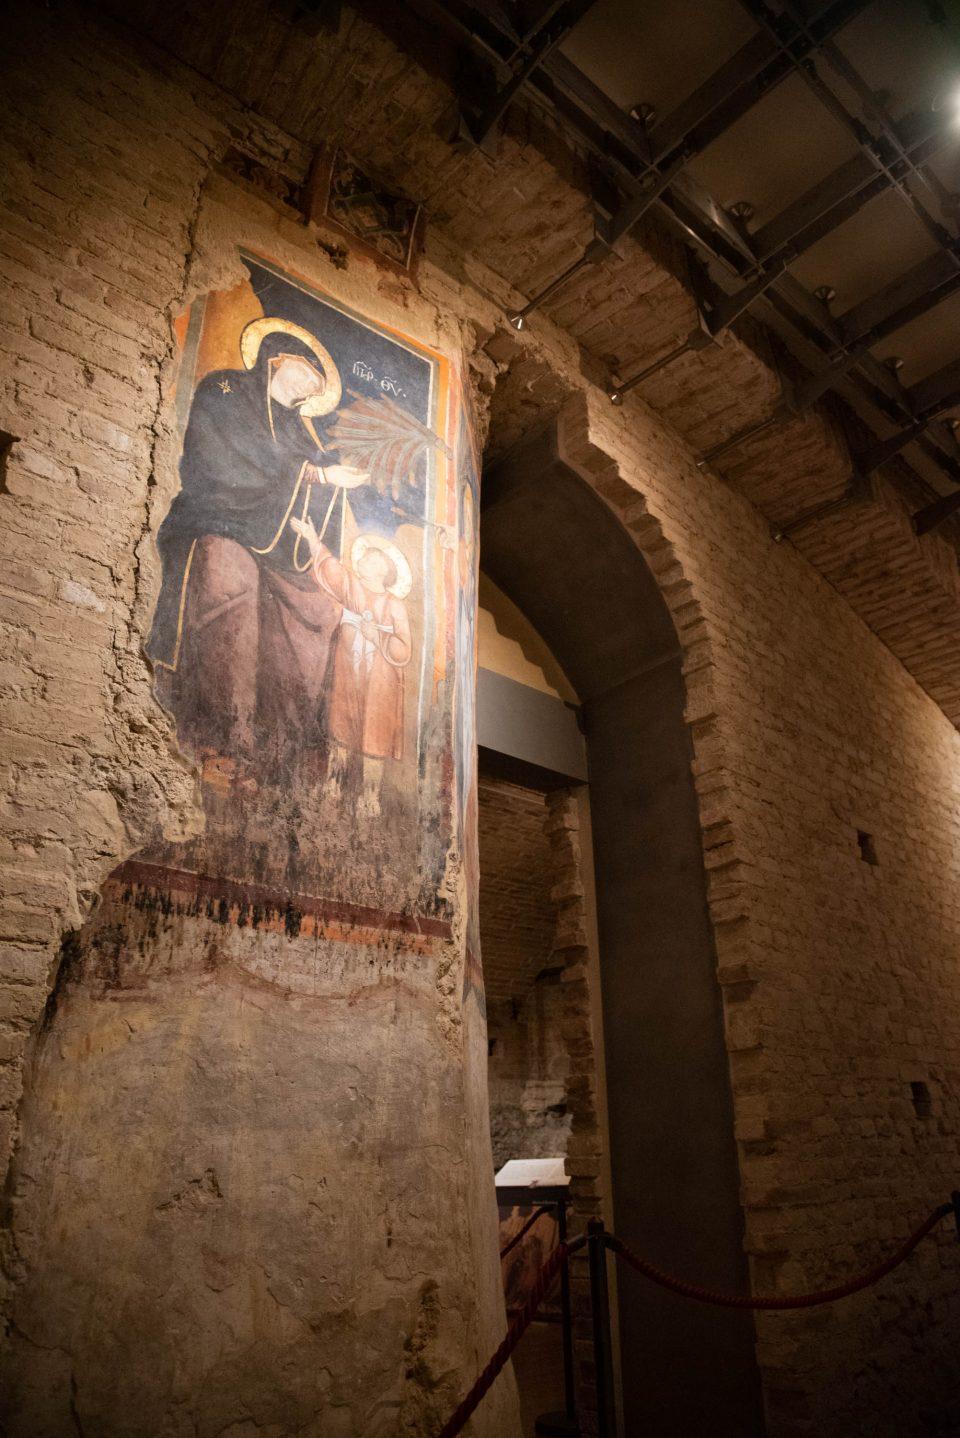 museo dell'opera di siena, Duomo di Siena, duomo siena, cosa vedere a siena, acropoli siena, acropoli pass, istanti in viaggio, visitare siena, cripta di siena